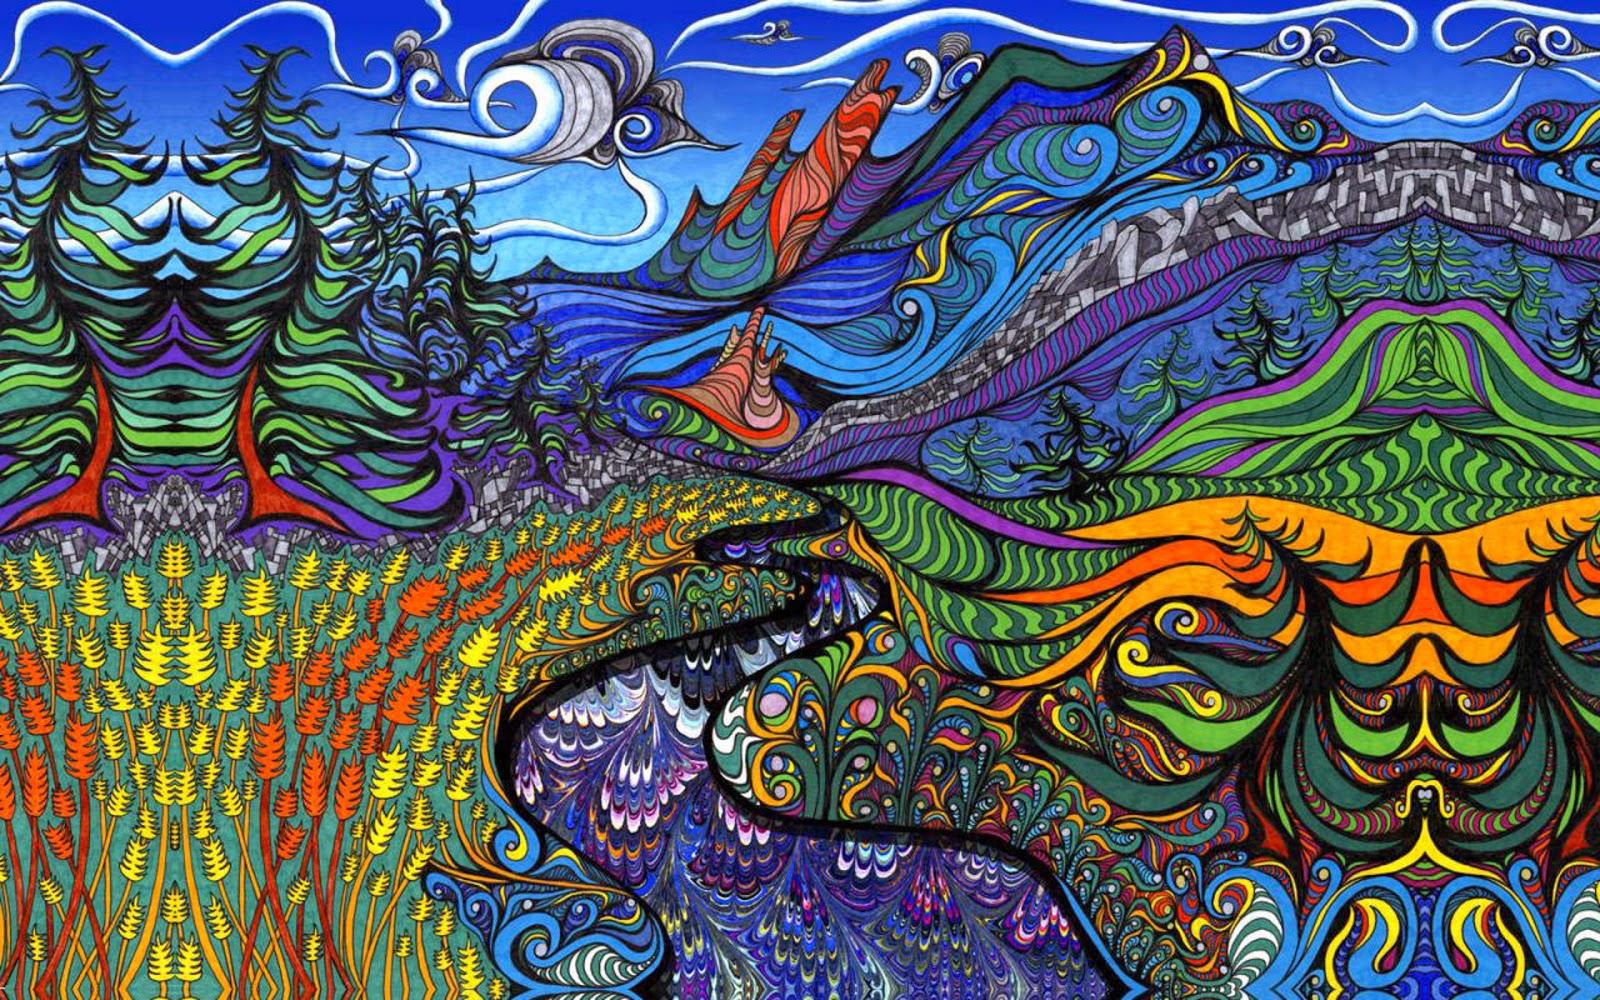 Psychedelic Fine Art Wallpaper Cartoon Wallpapers 1600x1000